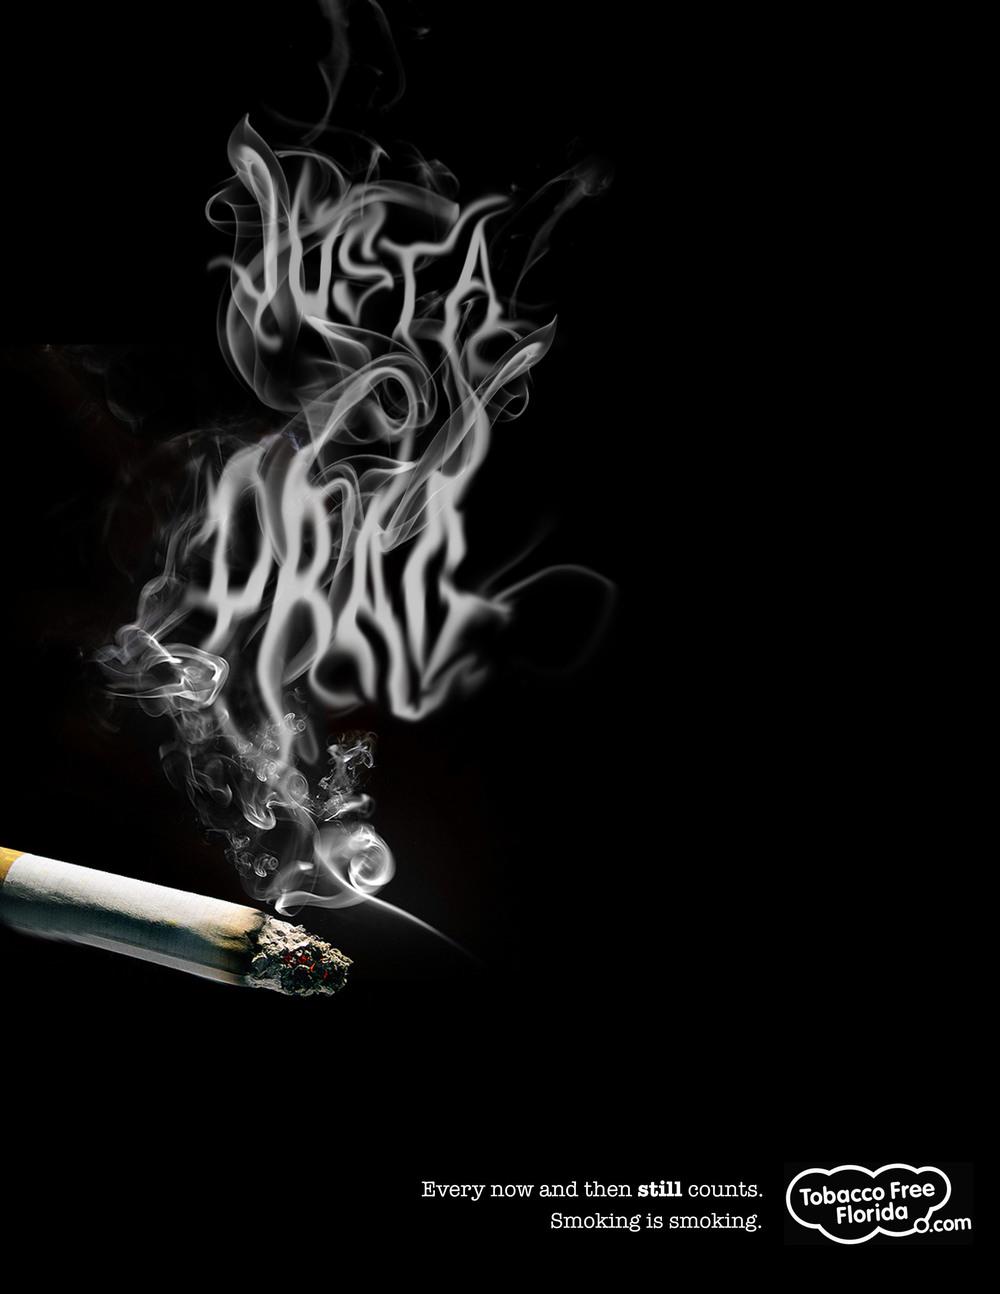 smokeradv1.jpg